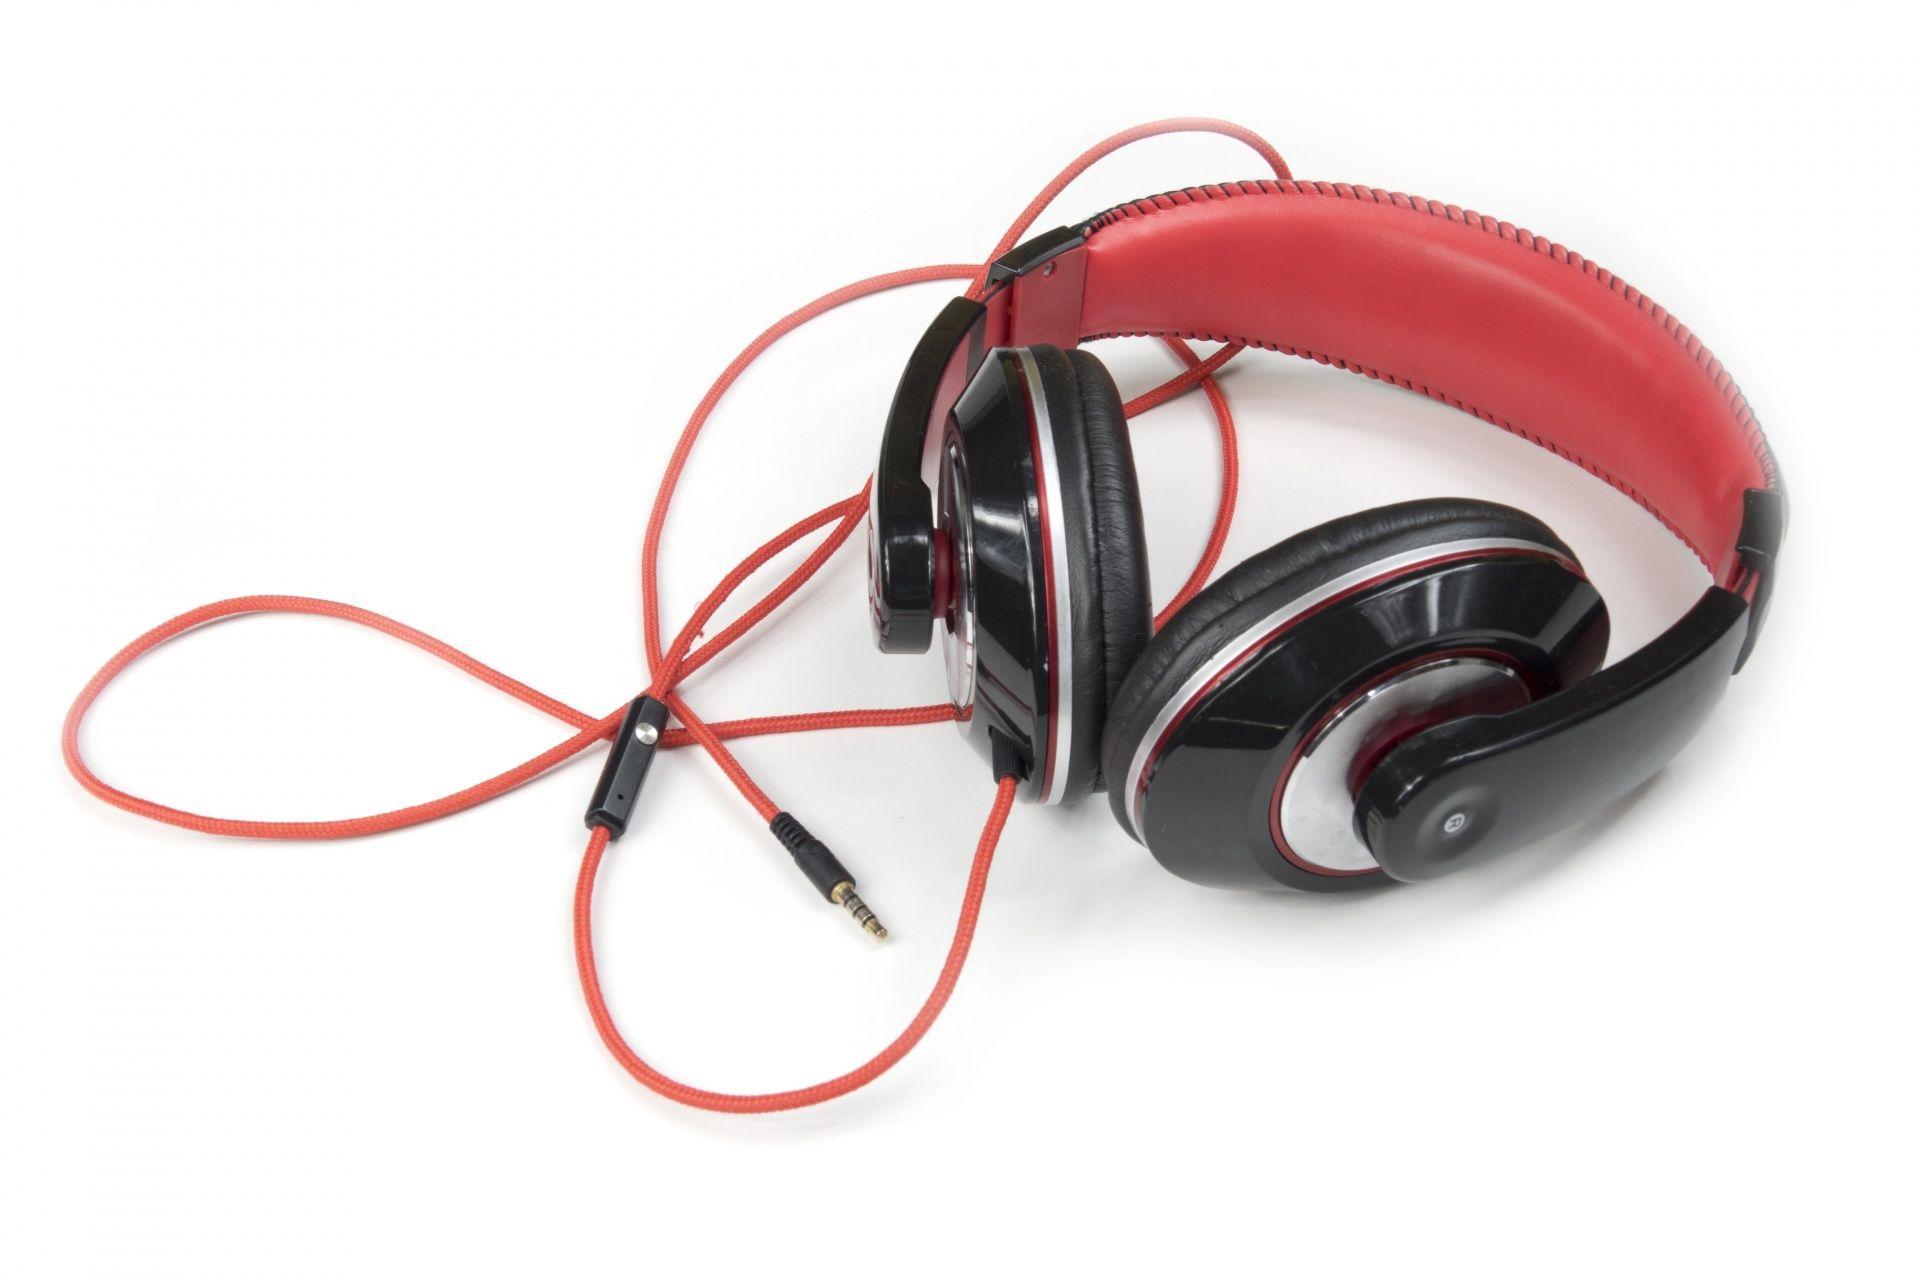 Headphone Manufacturers Suppliers Exporters In India Headphones Exportersindia Tv Accessories Headphones Music Headphones